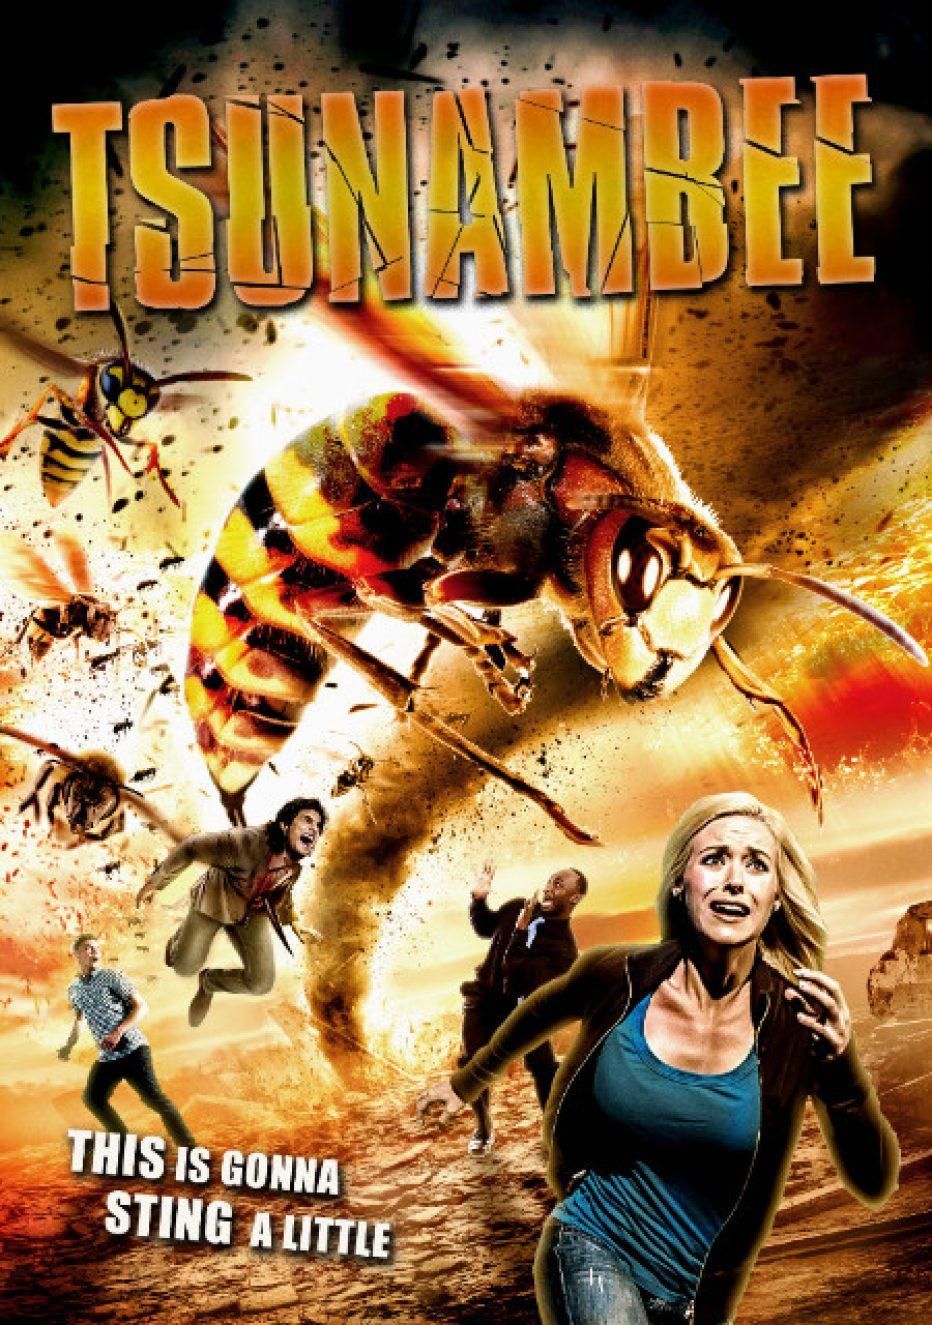 TSUNAMBEE Stings VOD This June!